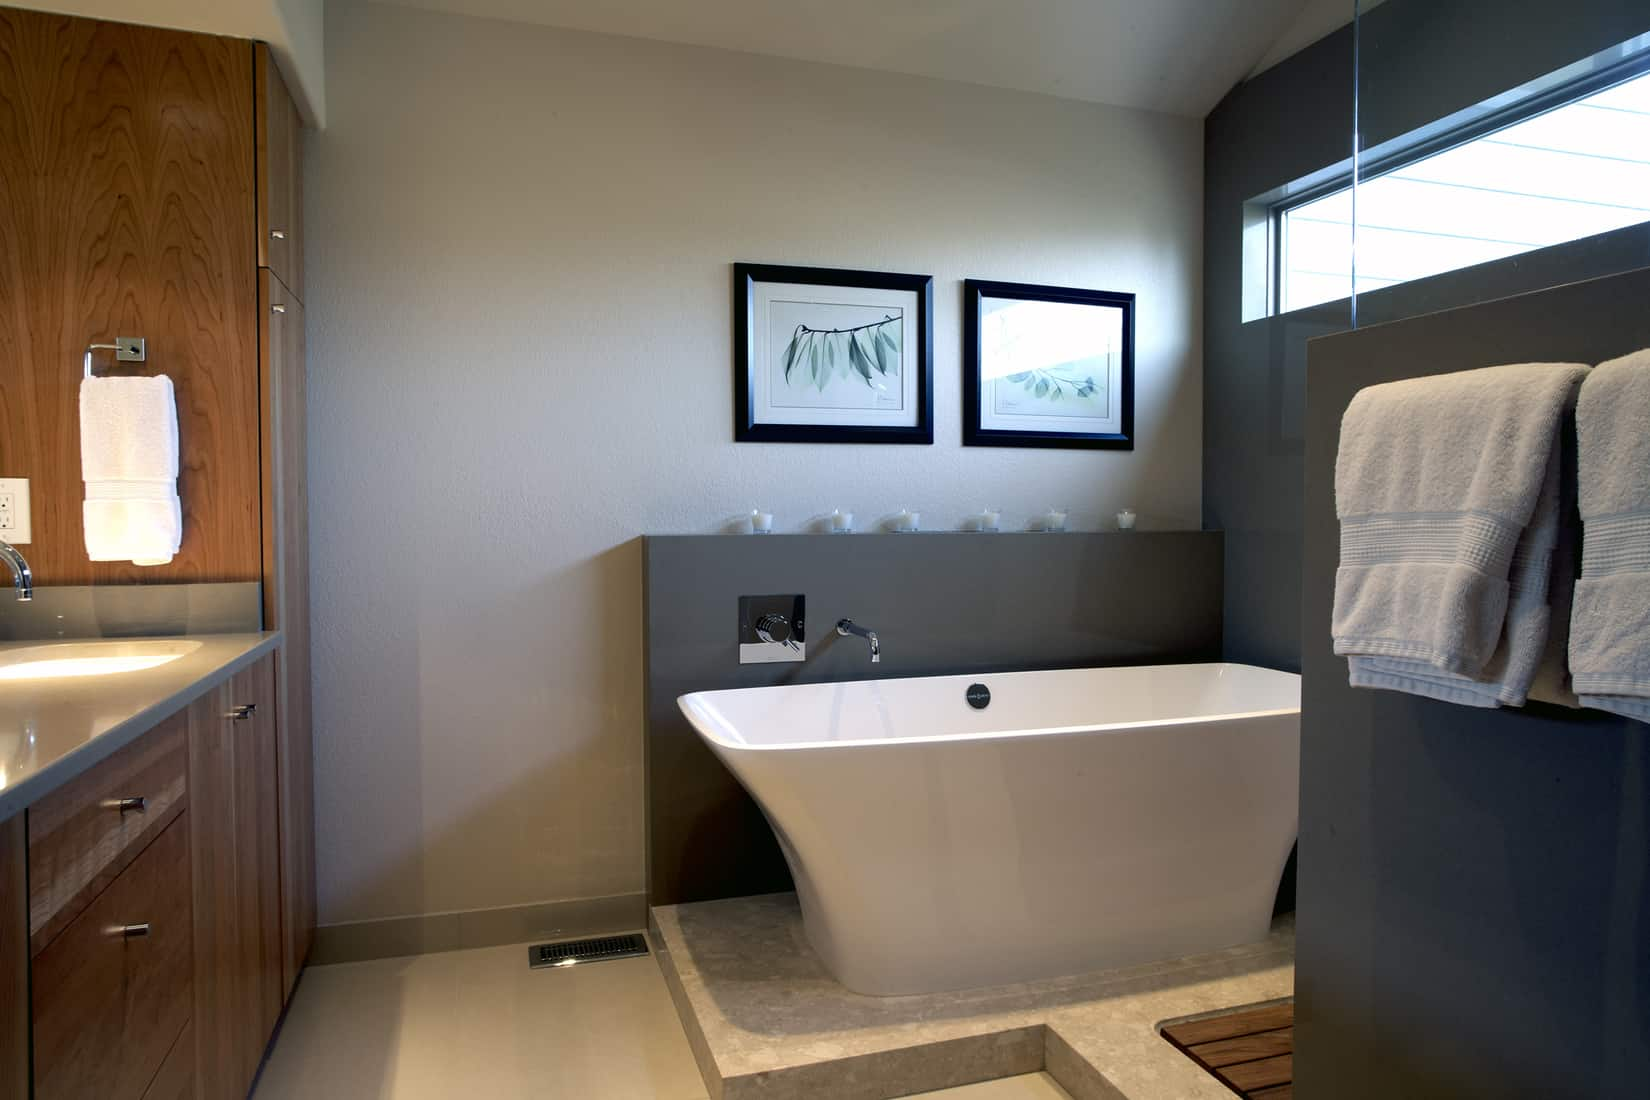 Spa Like Bathroom Remodel Inspiration Melton Design Build